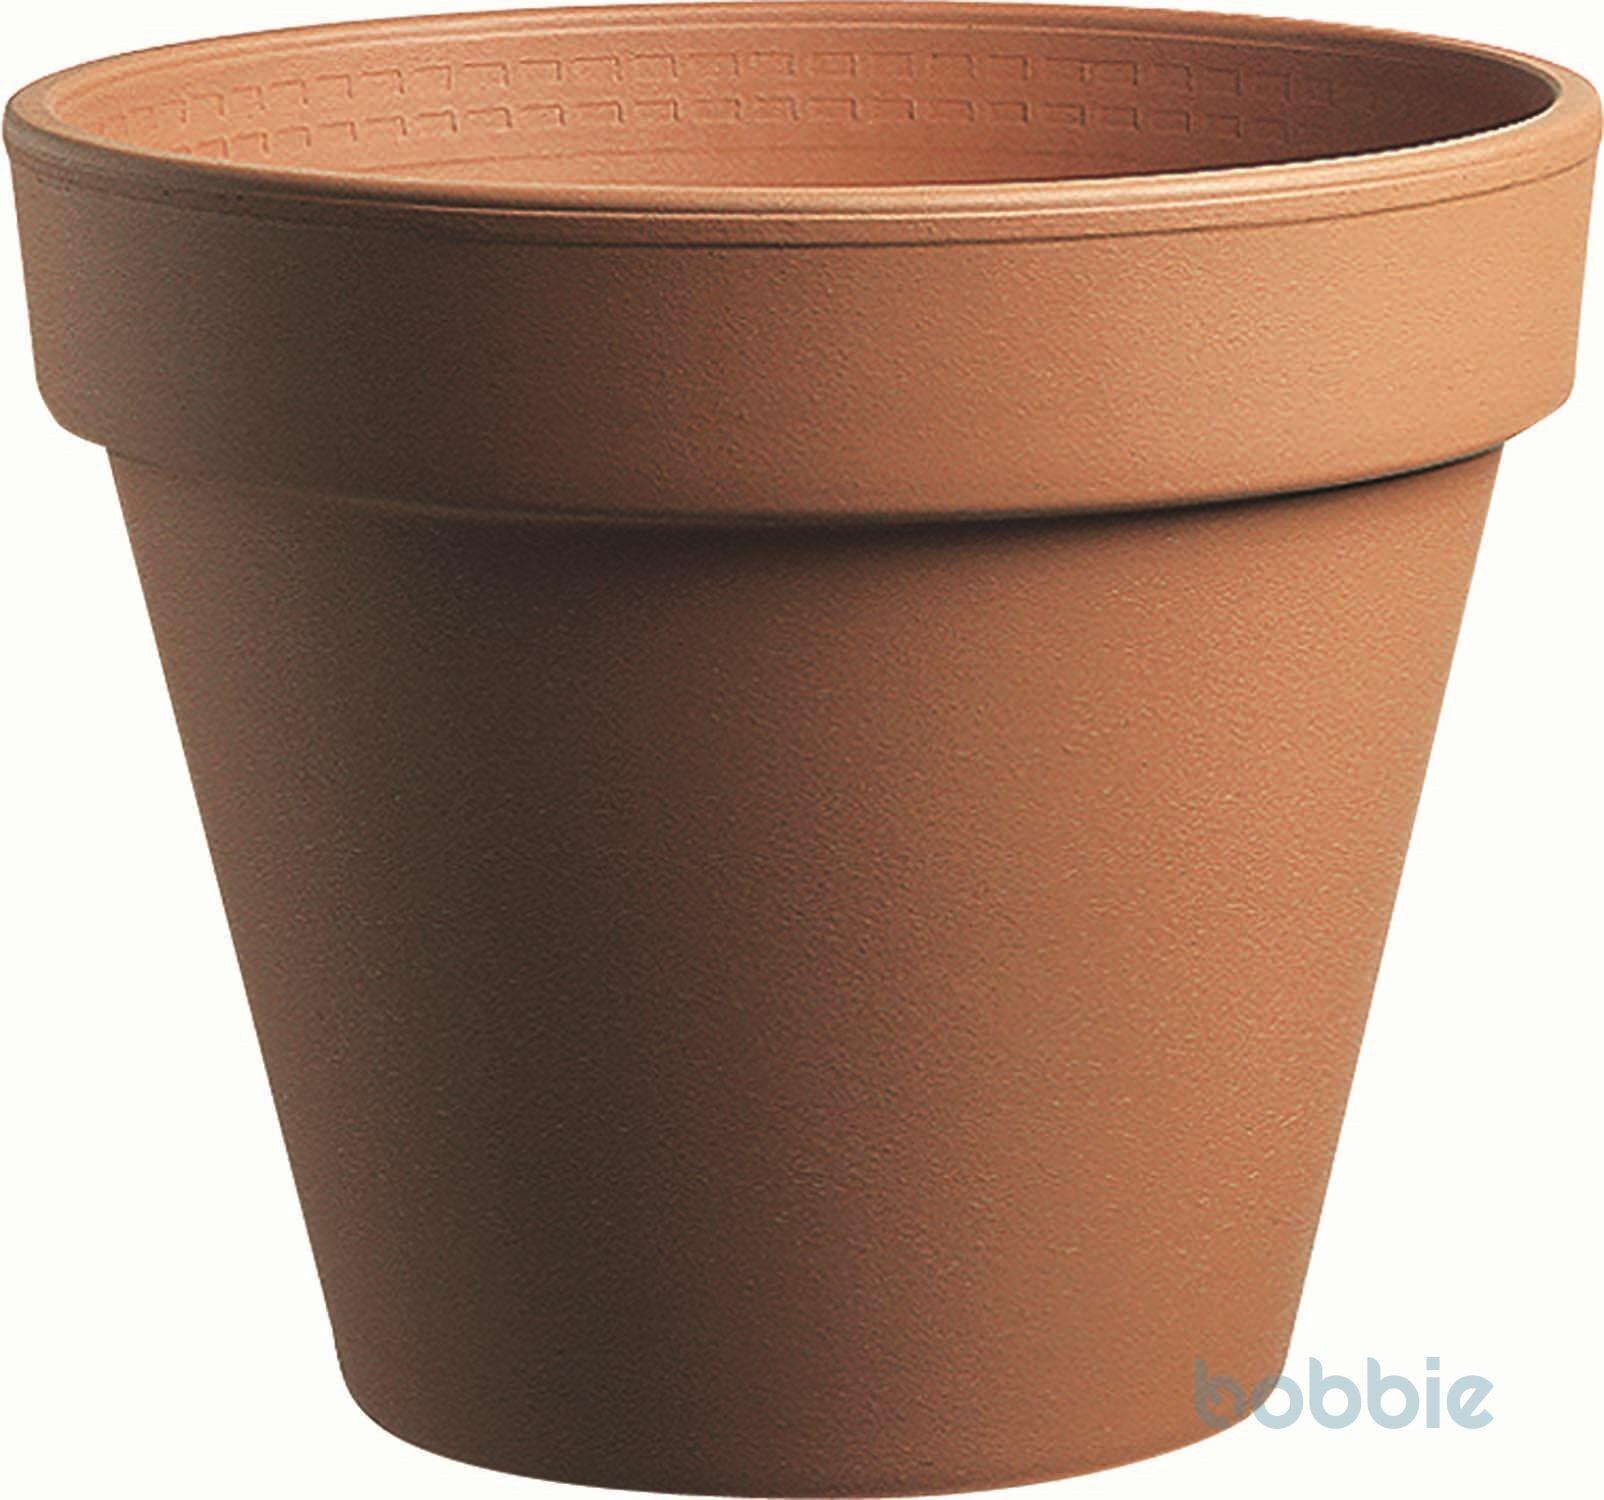 Blumentopf Vase standard - VASO STANDARD CM.37